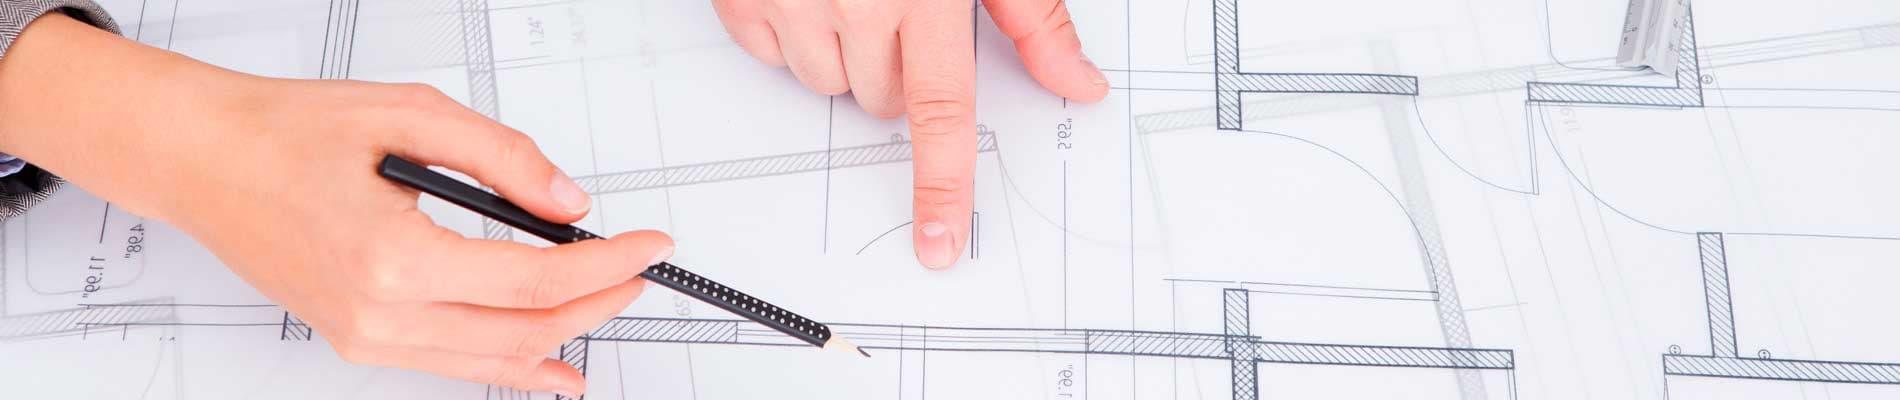 Delineación, CAD construcción, proyectos de construcción